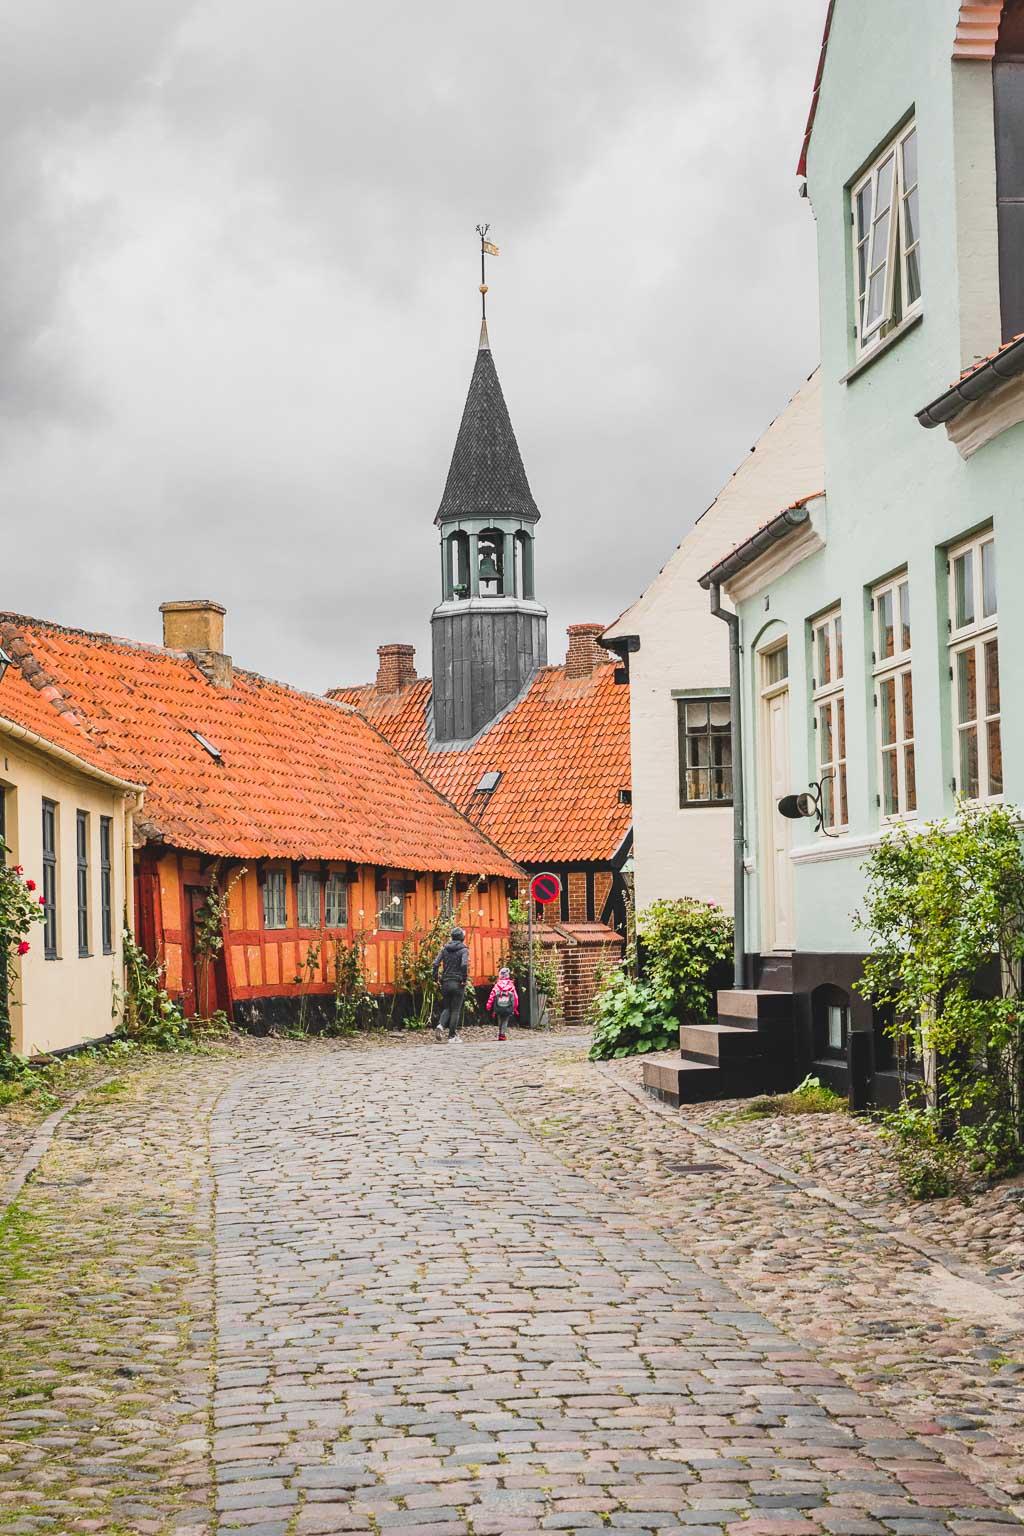 Ebeltoft Altstadt Altes Rathaus Urlaub in Djursland: Ausflugsziele und Sehenswürdigkeiten rund um Ebeltoft Dänemark